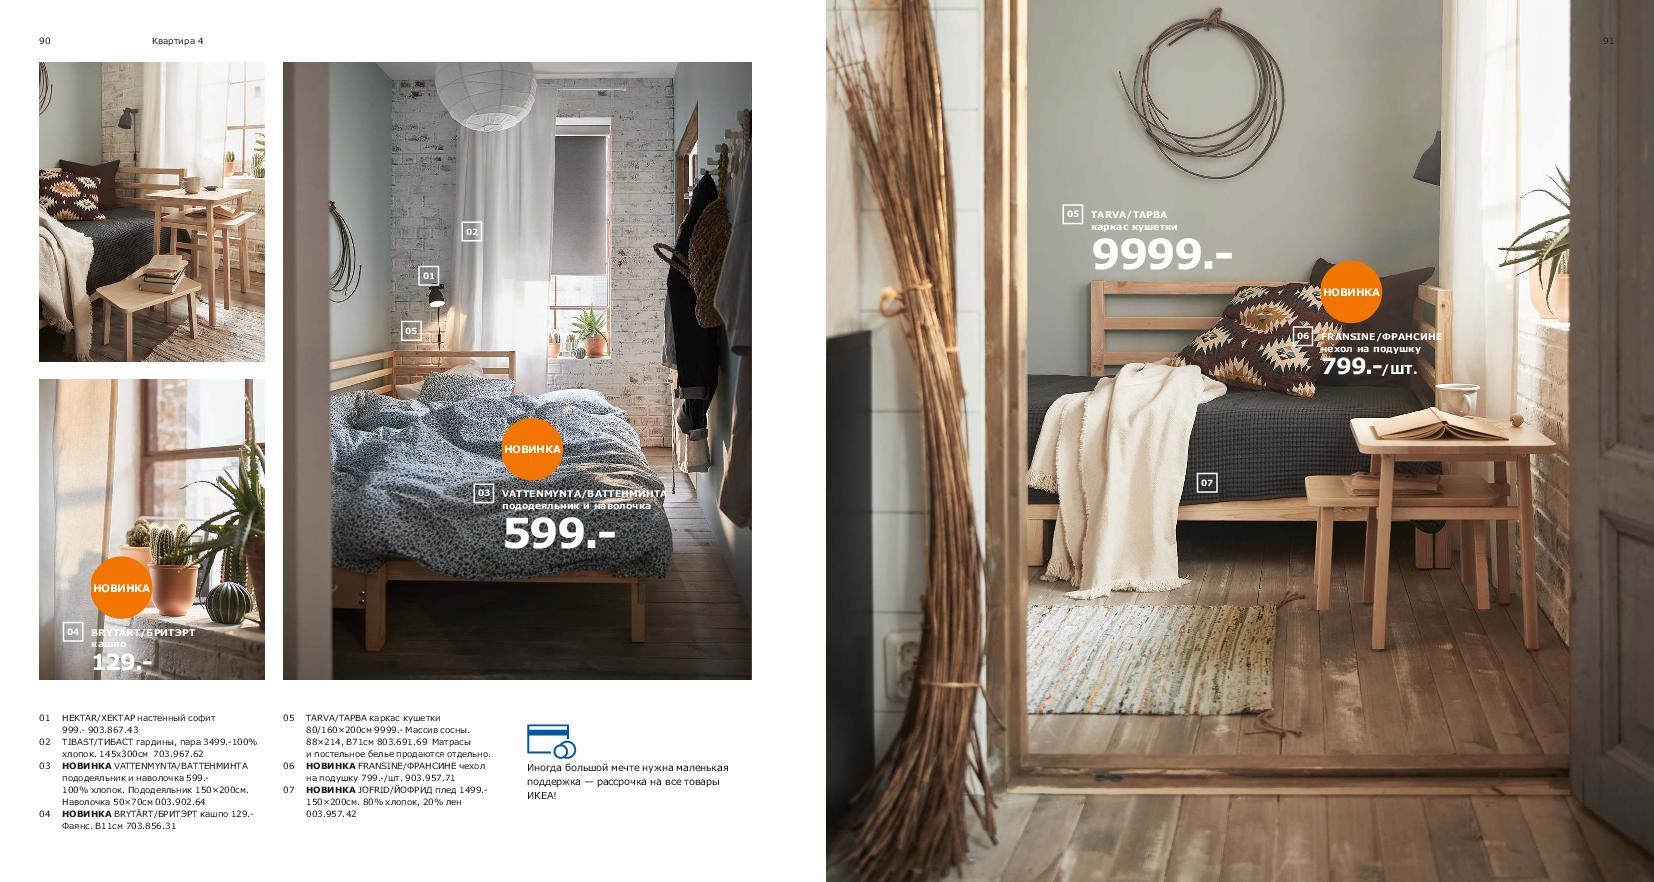 IKEA_catalogue_2019-46